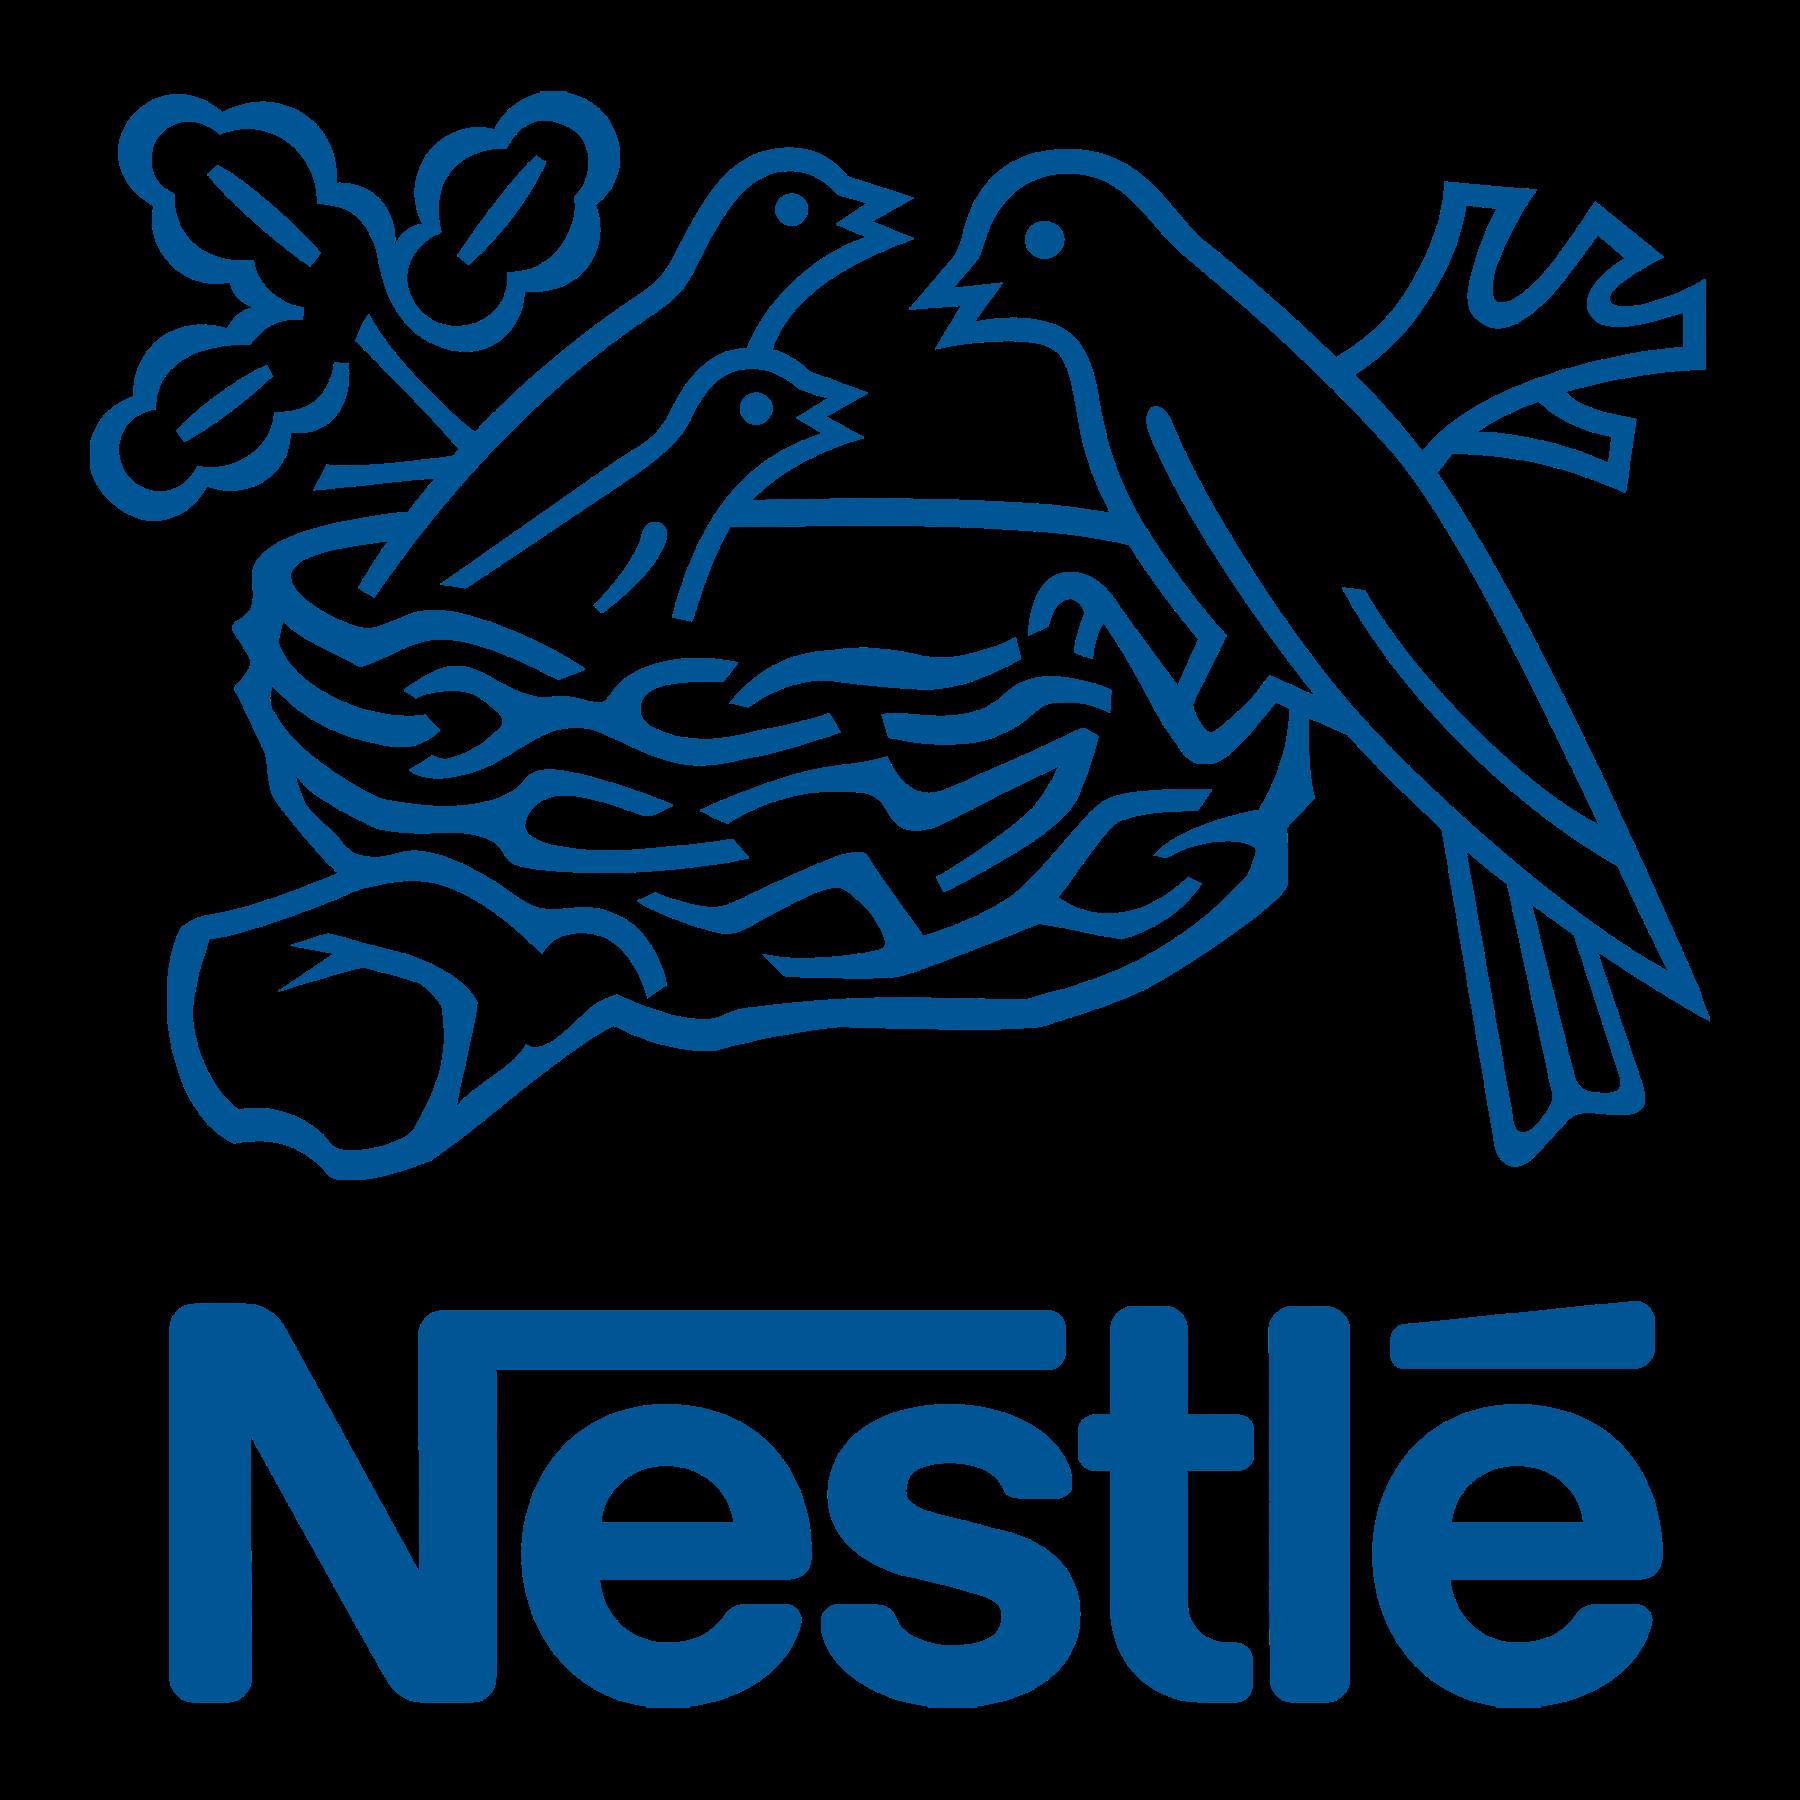 brand logo of Nestle -Marketing mix of Nestle | IIDE